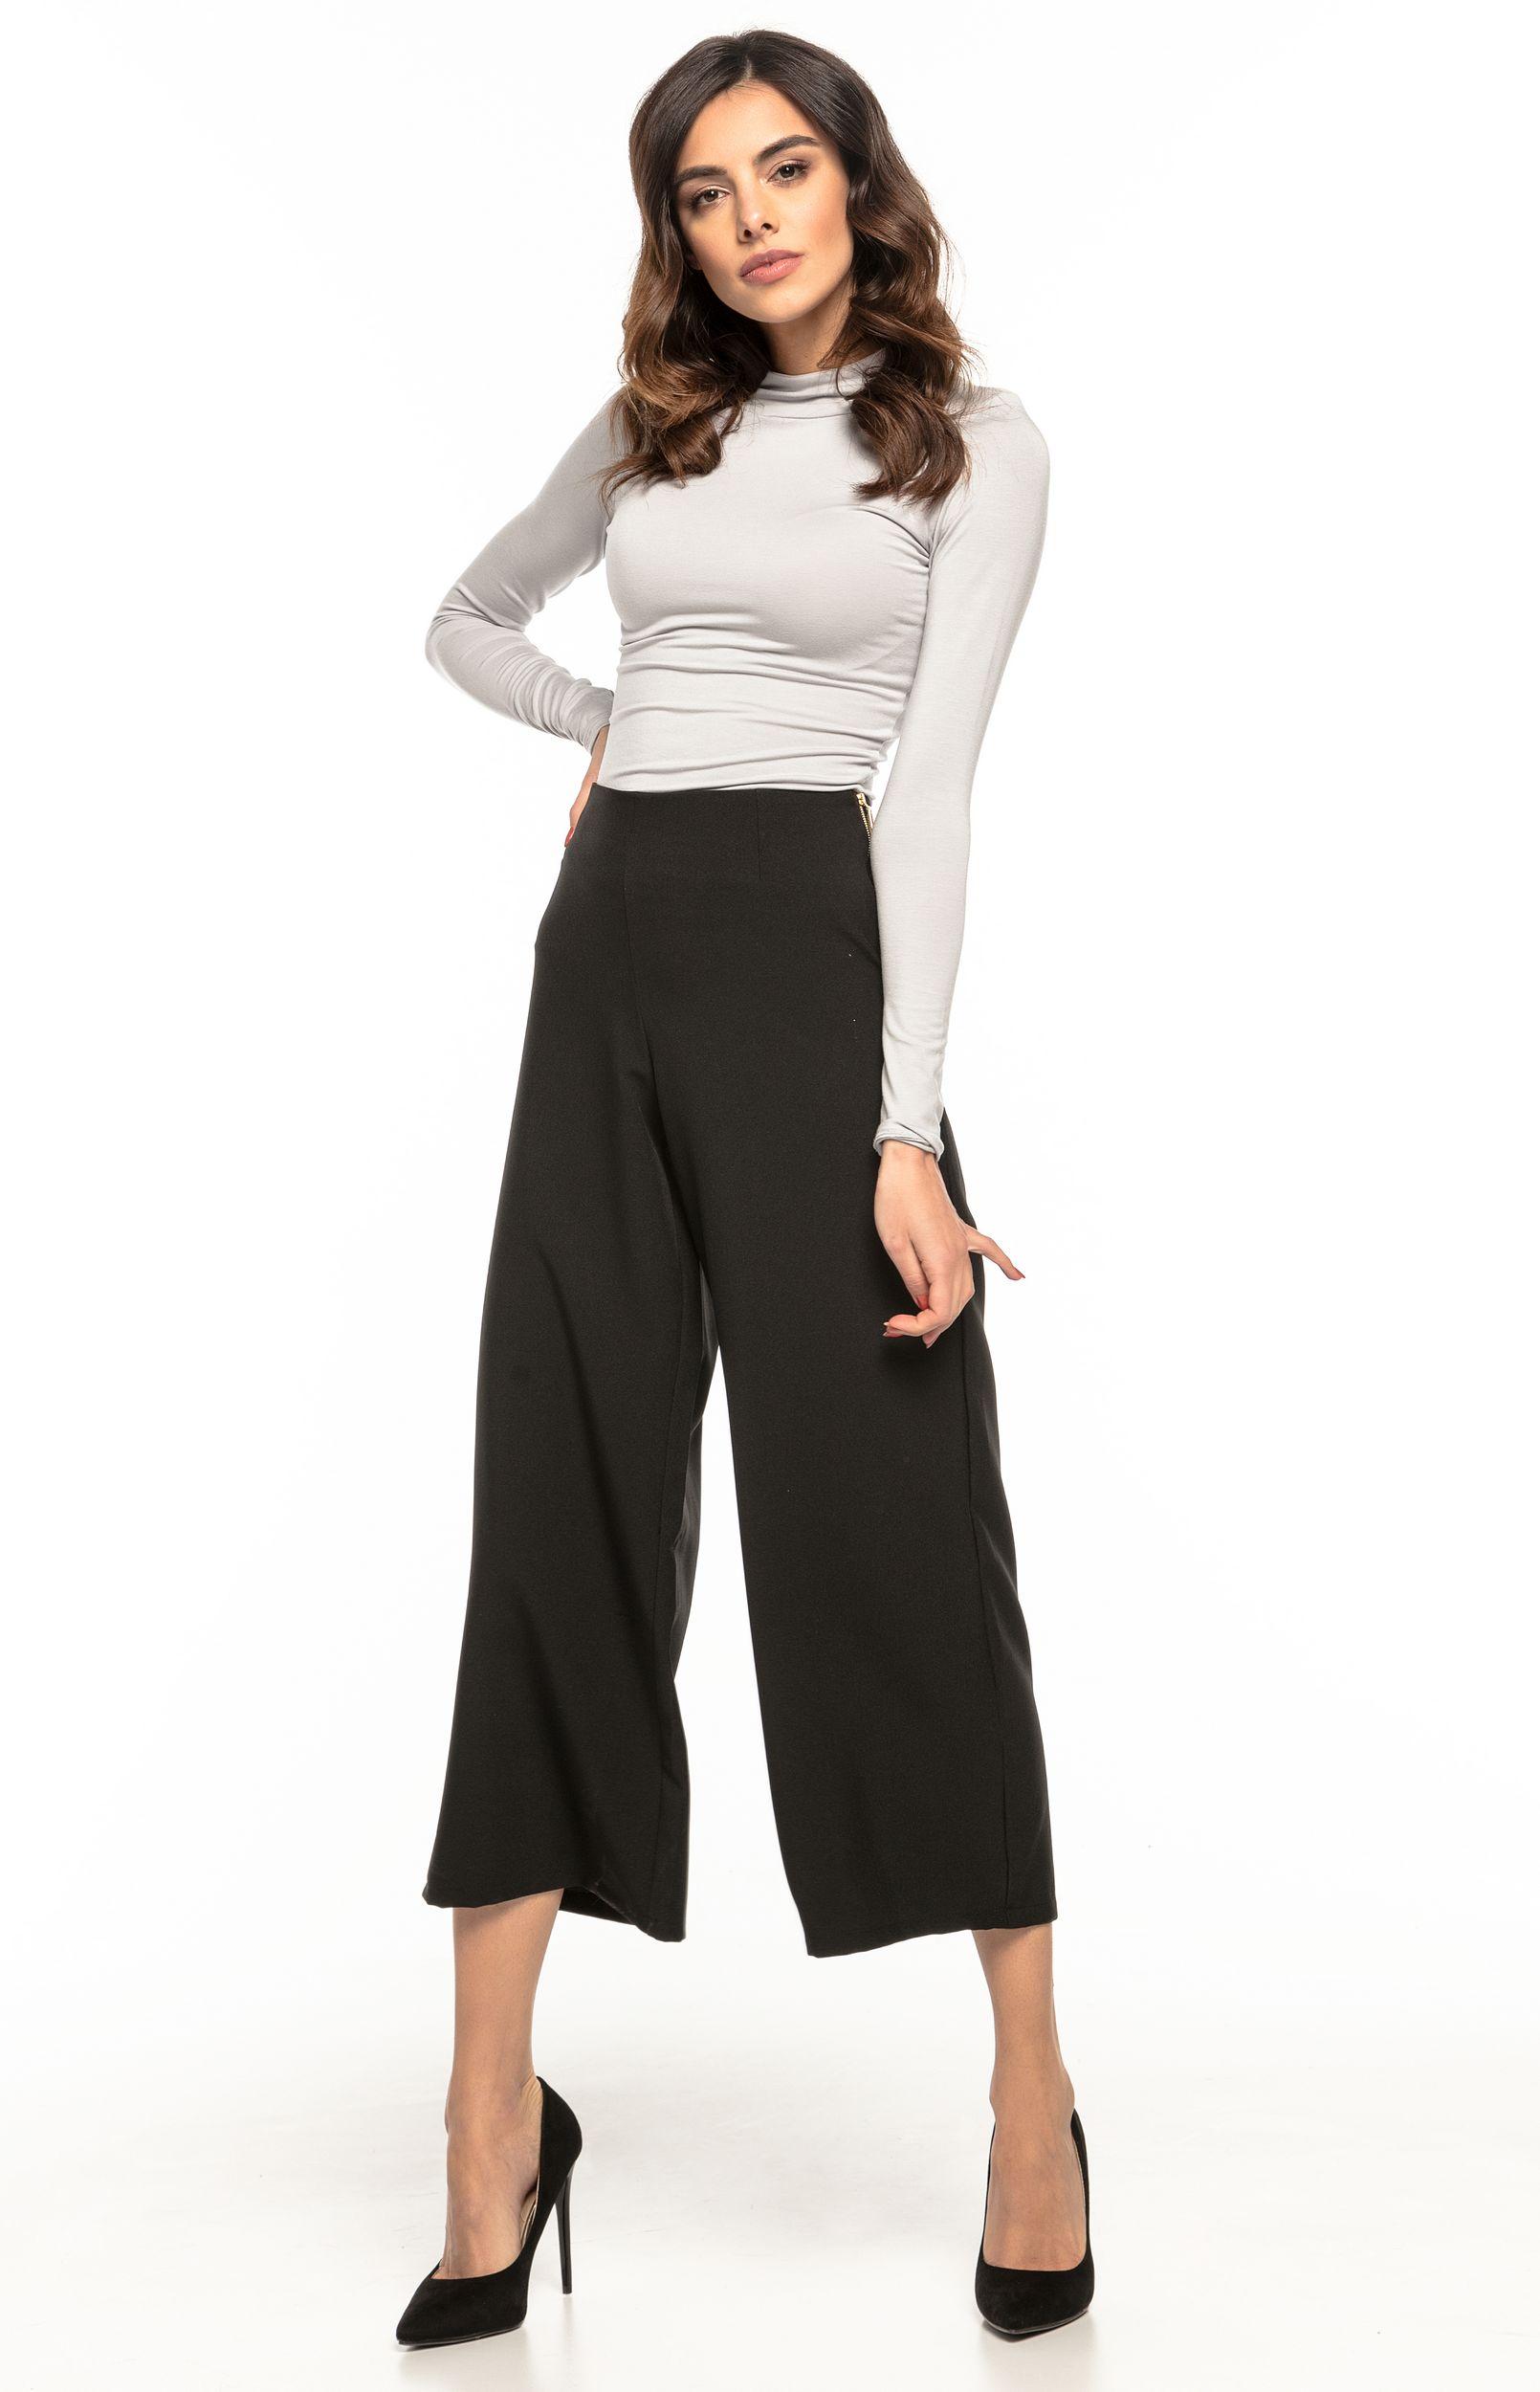 Large Haute Haute Large Noir Taille Noir Pantalon Large Taille Taille Pantalon Pantalon jL5A4R